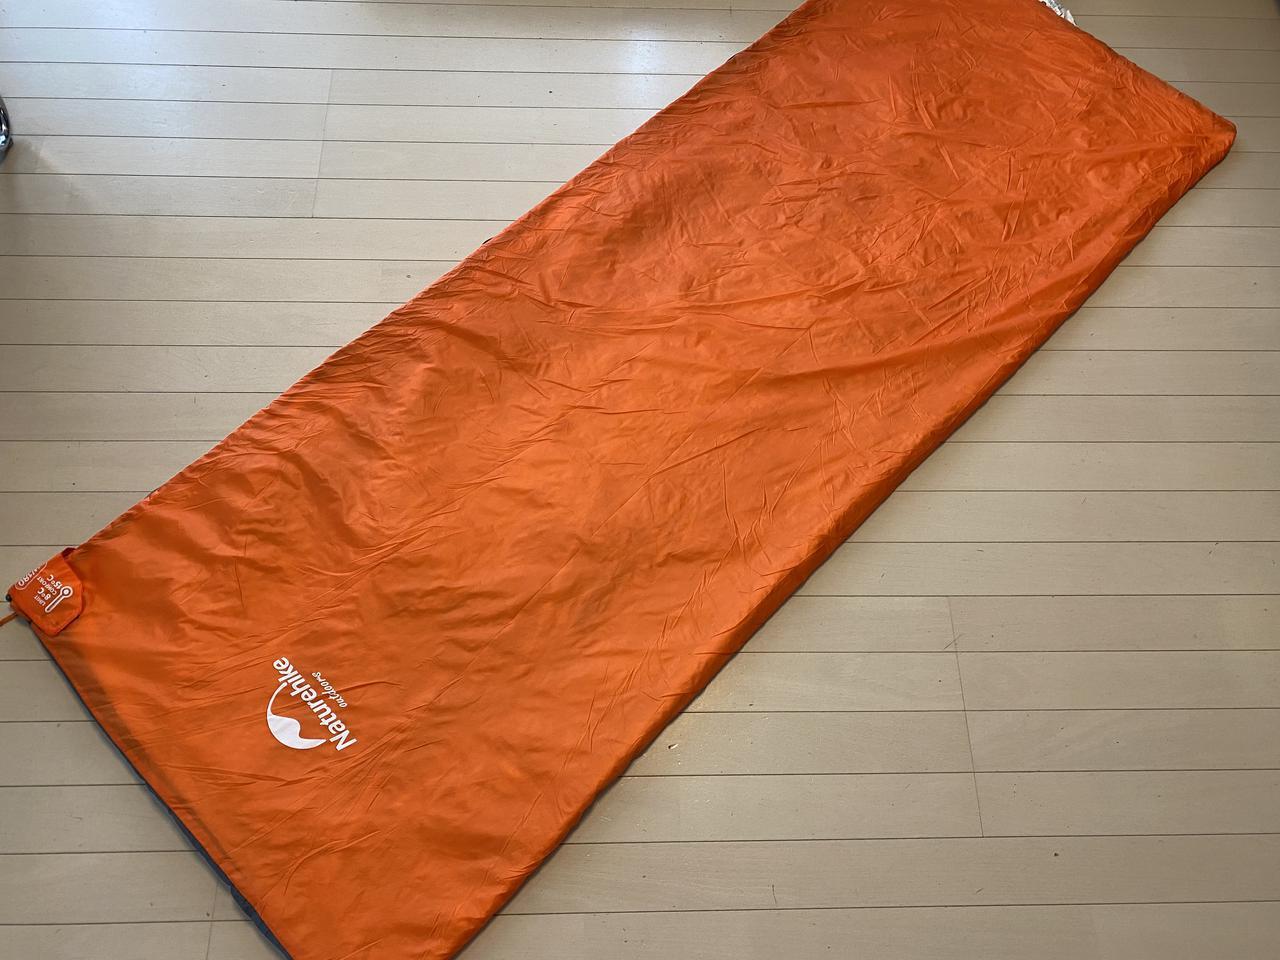 画像: ネイチャーハイクの夏用寝袋「ミニウルトラライト スリーピングバッグ」が超コンパクト&軽くて快適! - ハピキャン|キャンプ・アウトドア情報メディア